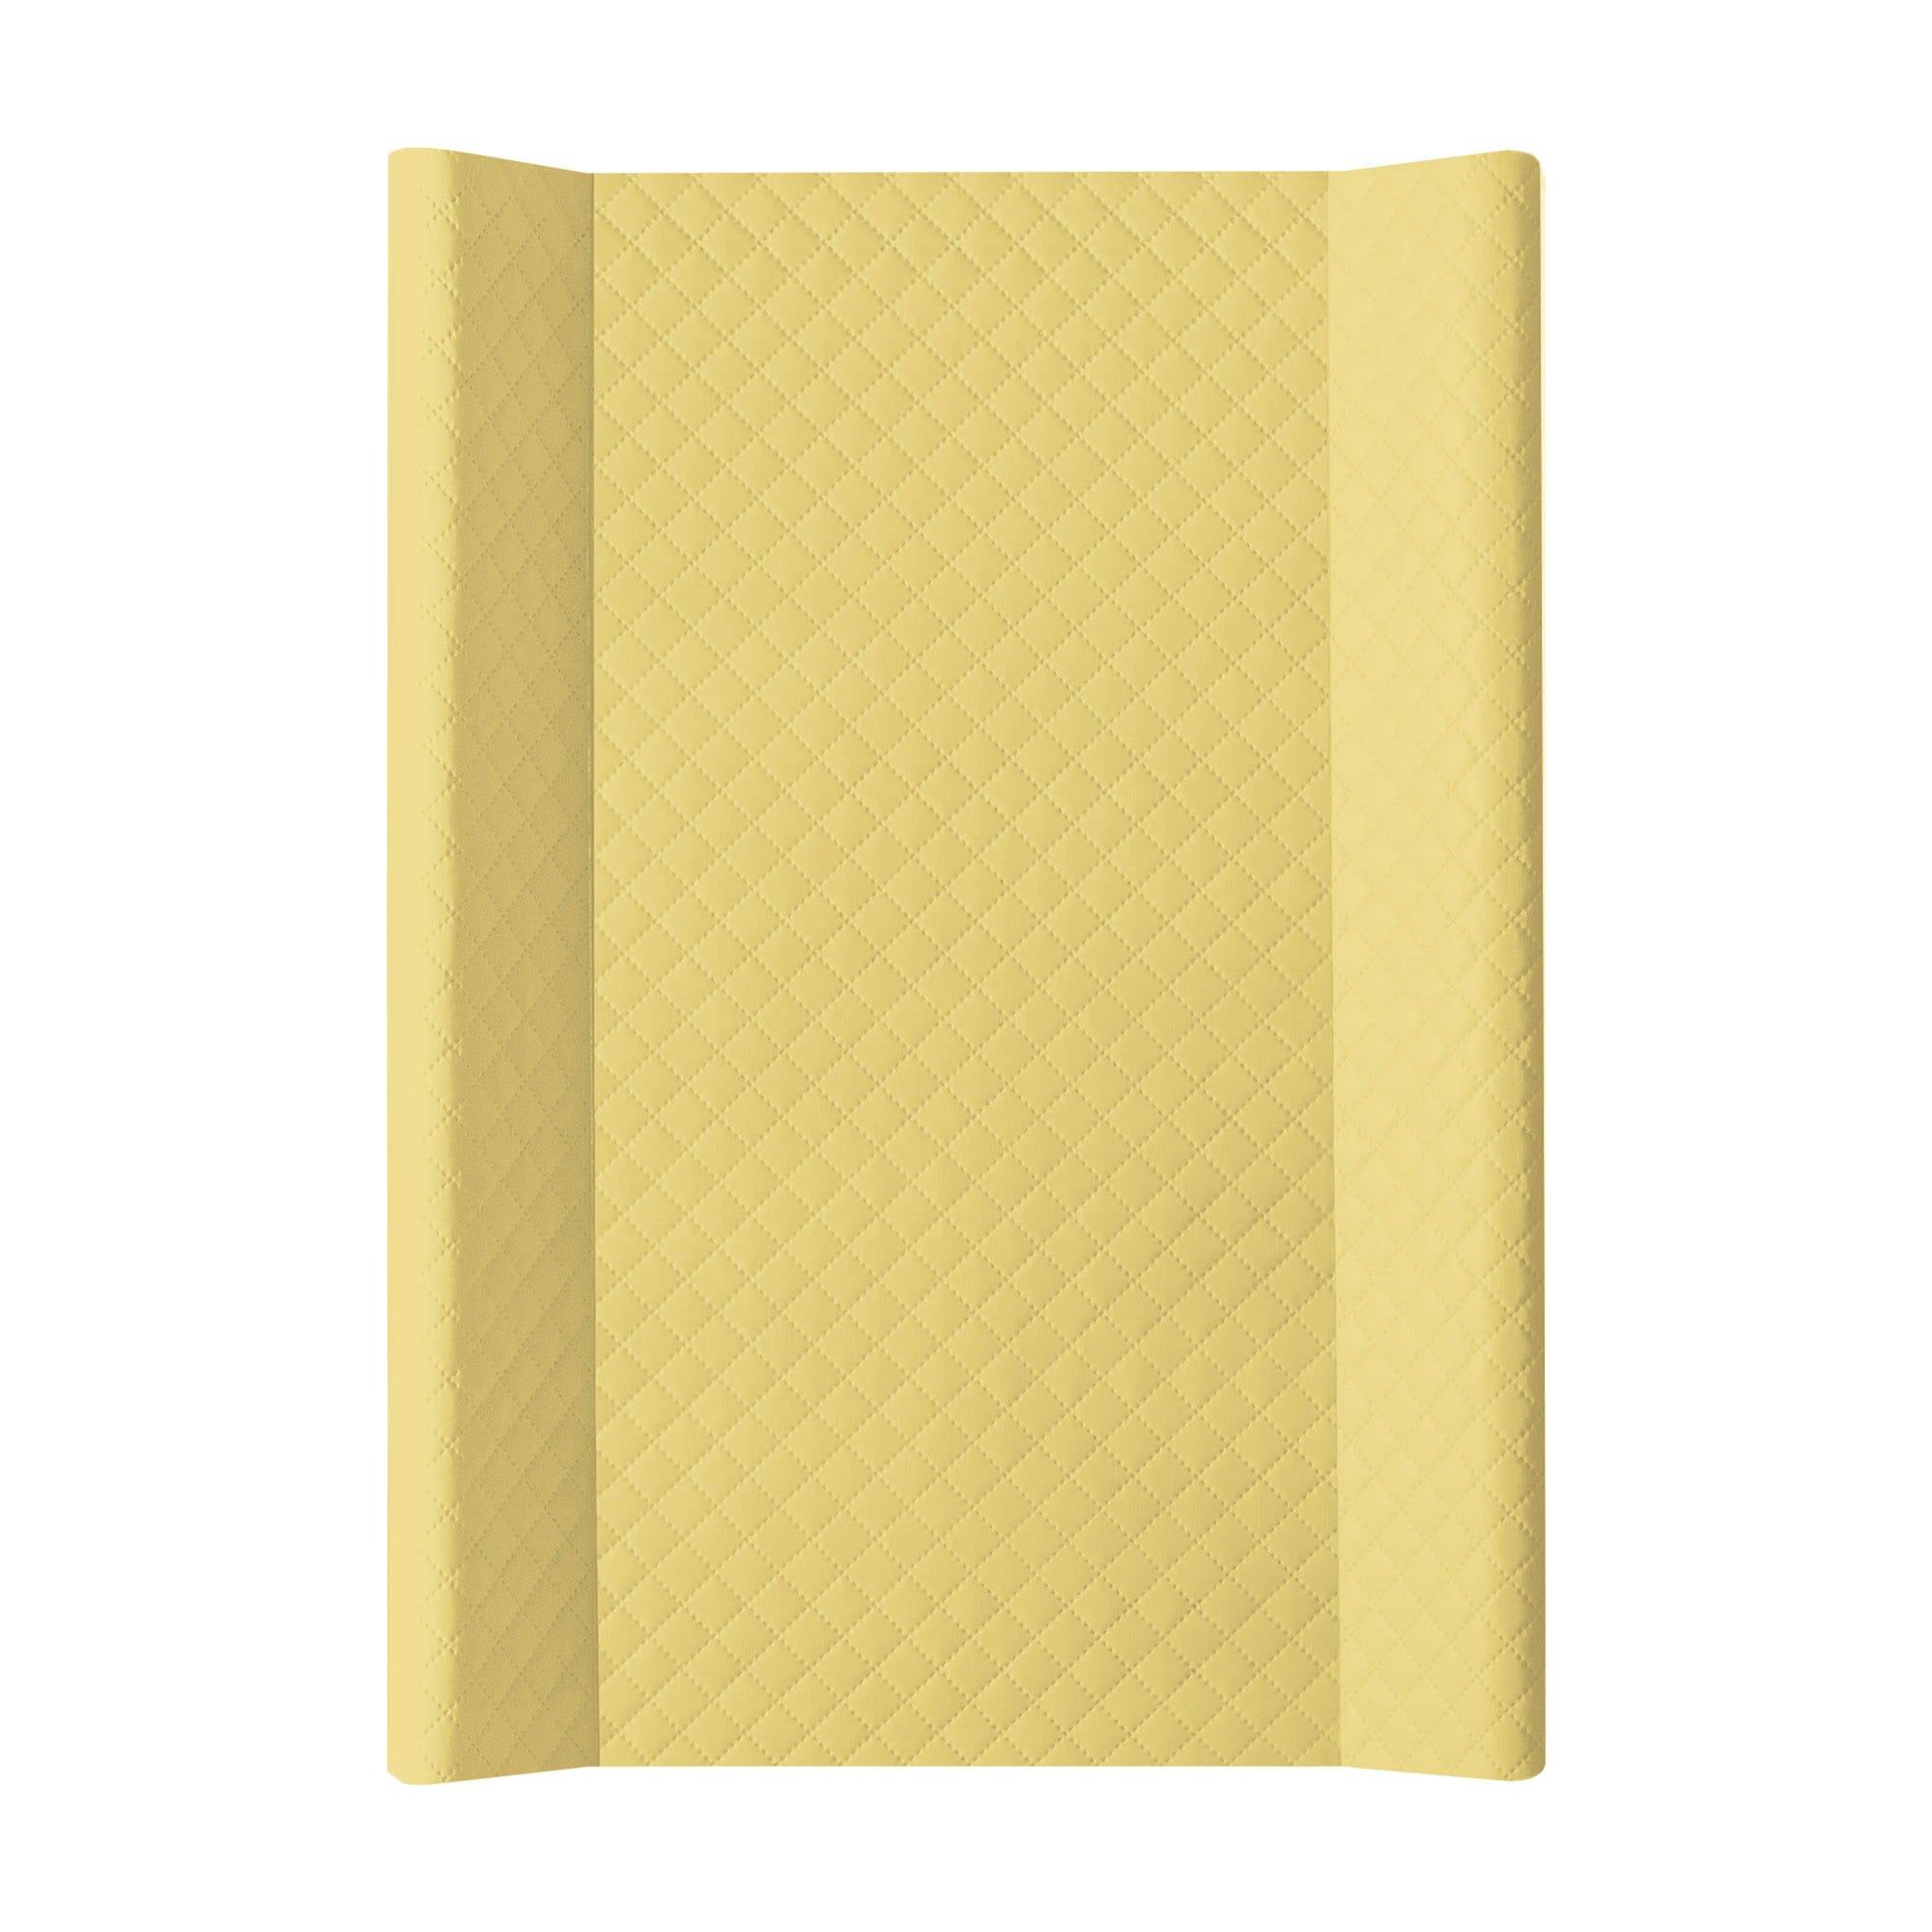 Pøebalovací podložka mìkká se zvednutými okraji Caro 50x70cm žlutá - zvìtšit obrázek